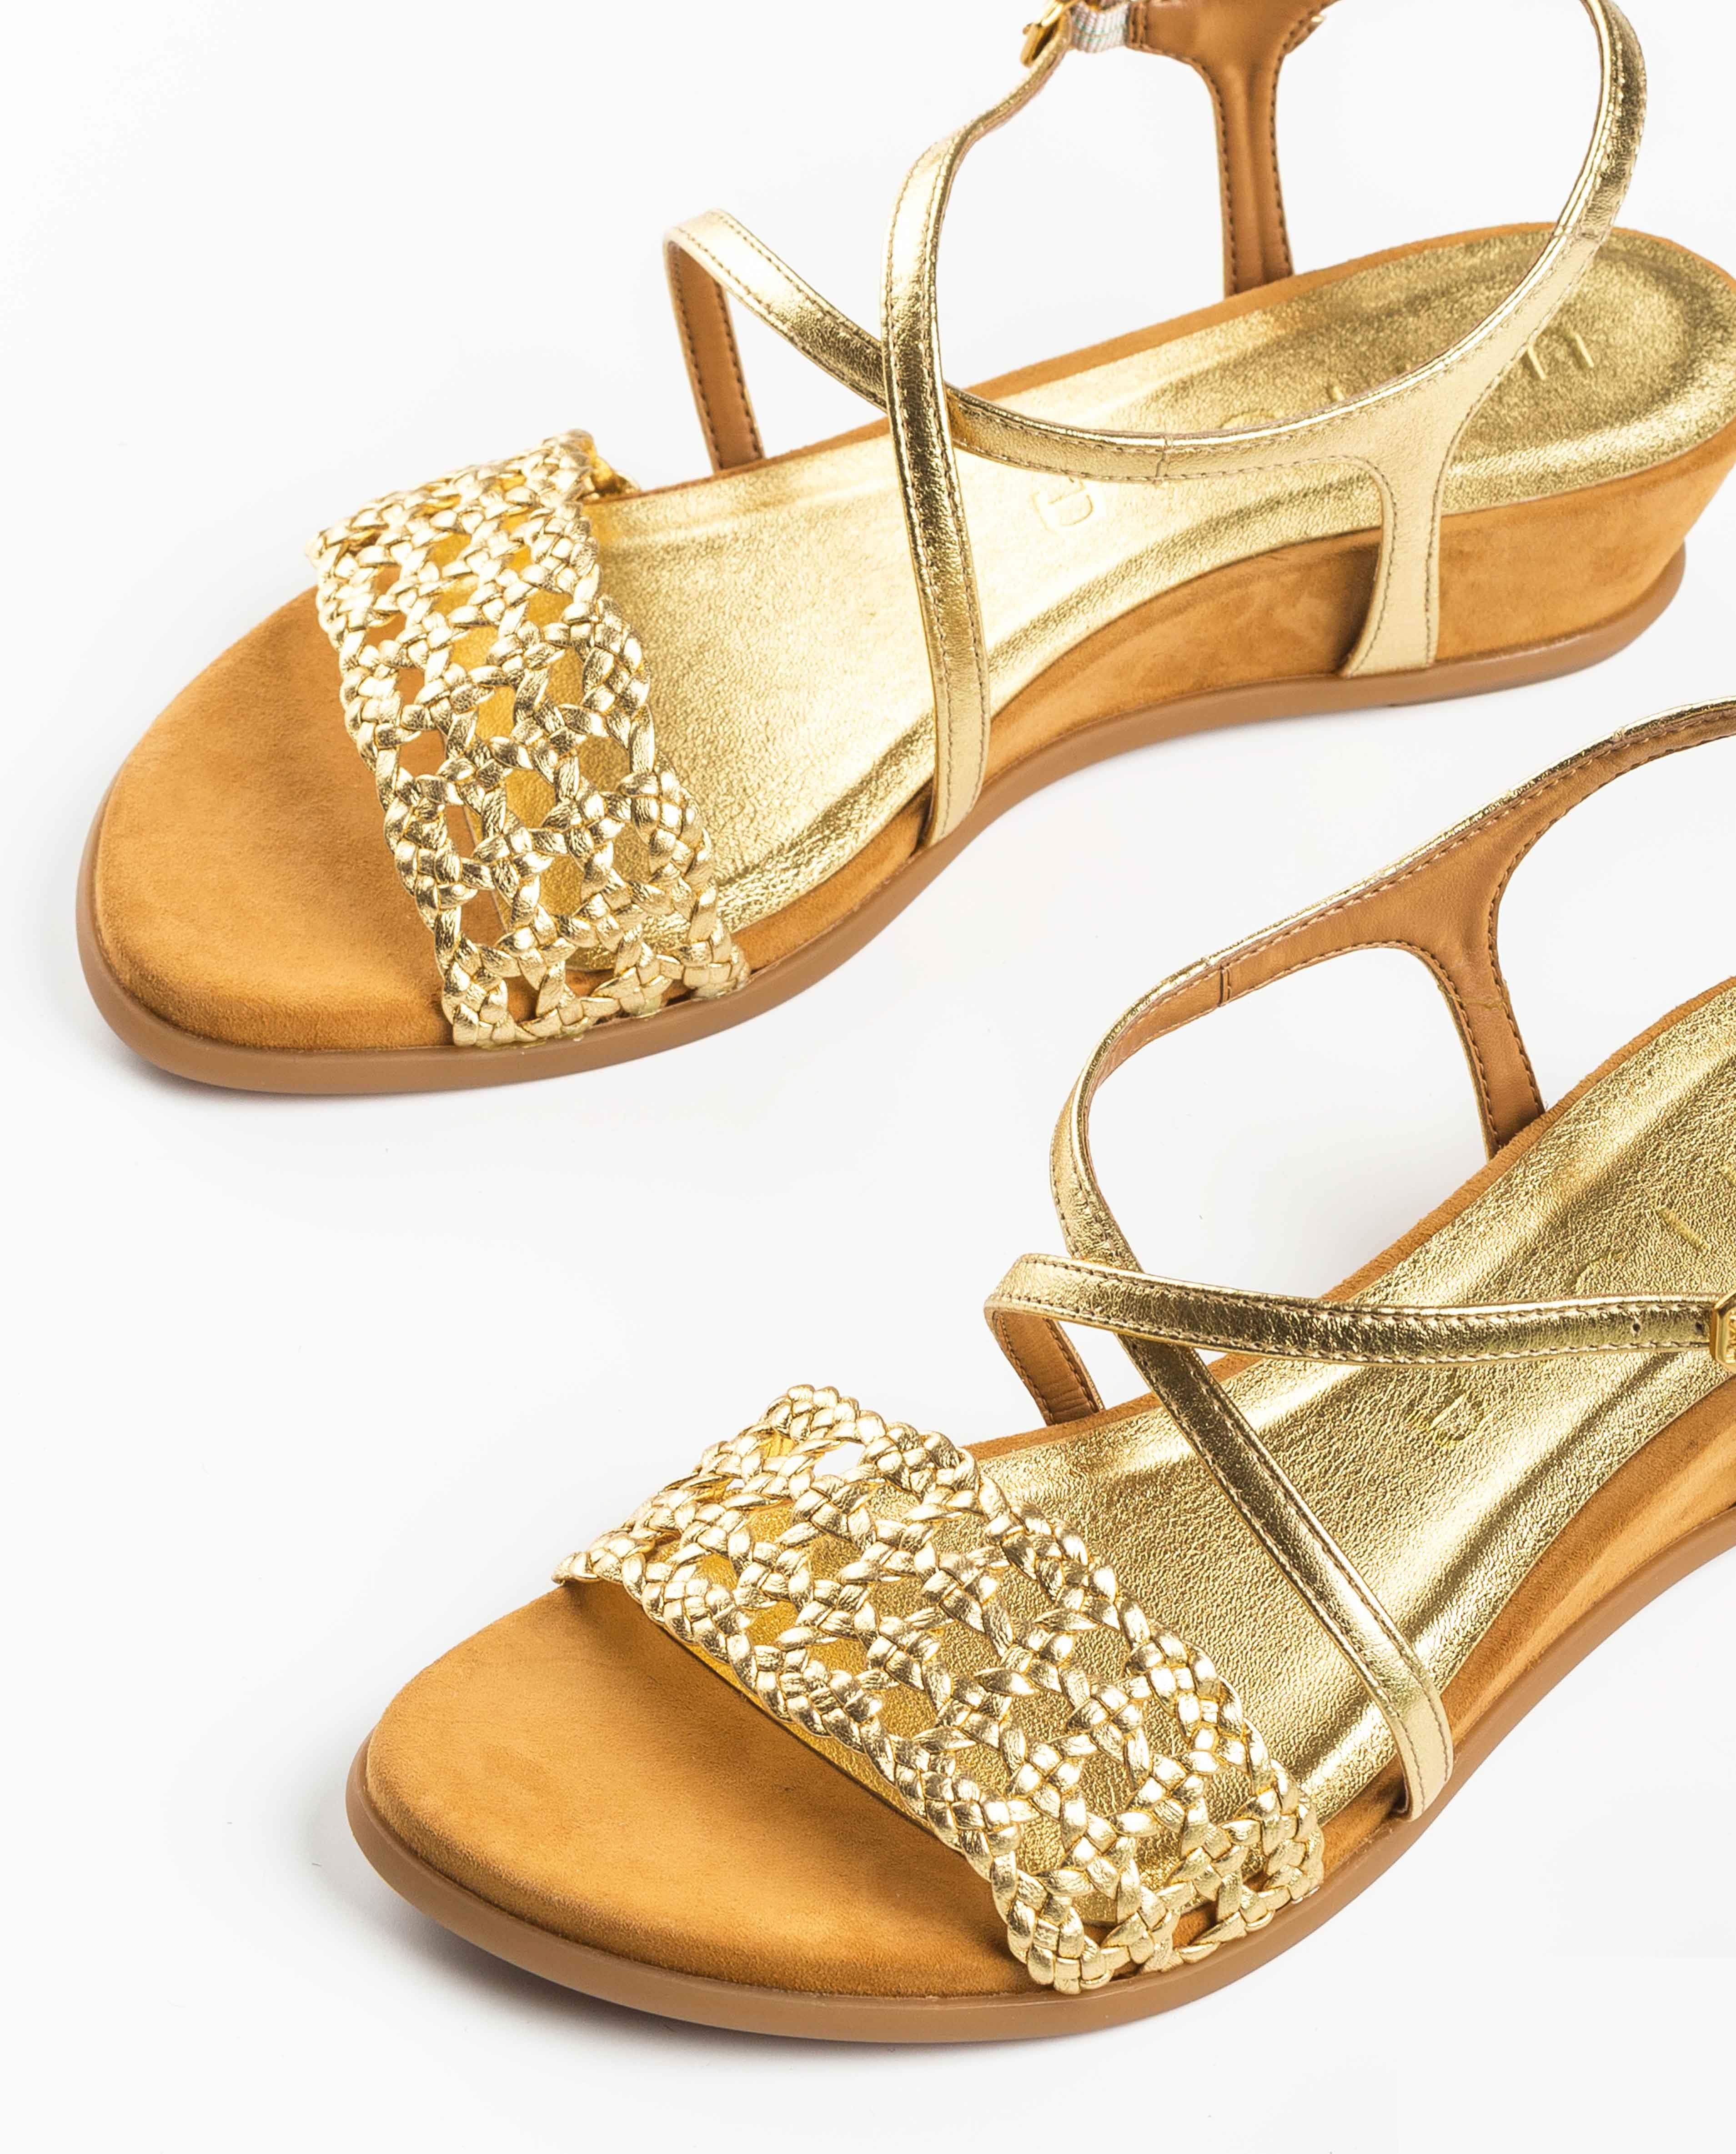 UNISA Sandalen metallish Effect Makramme-Stil. BENSON_LMT gold 5